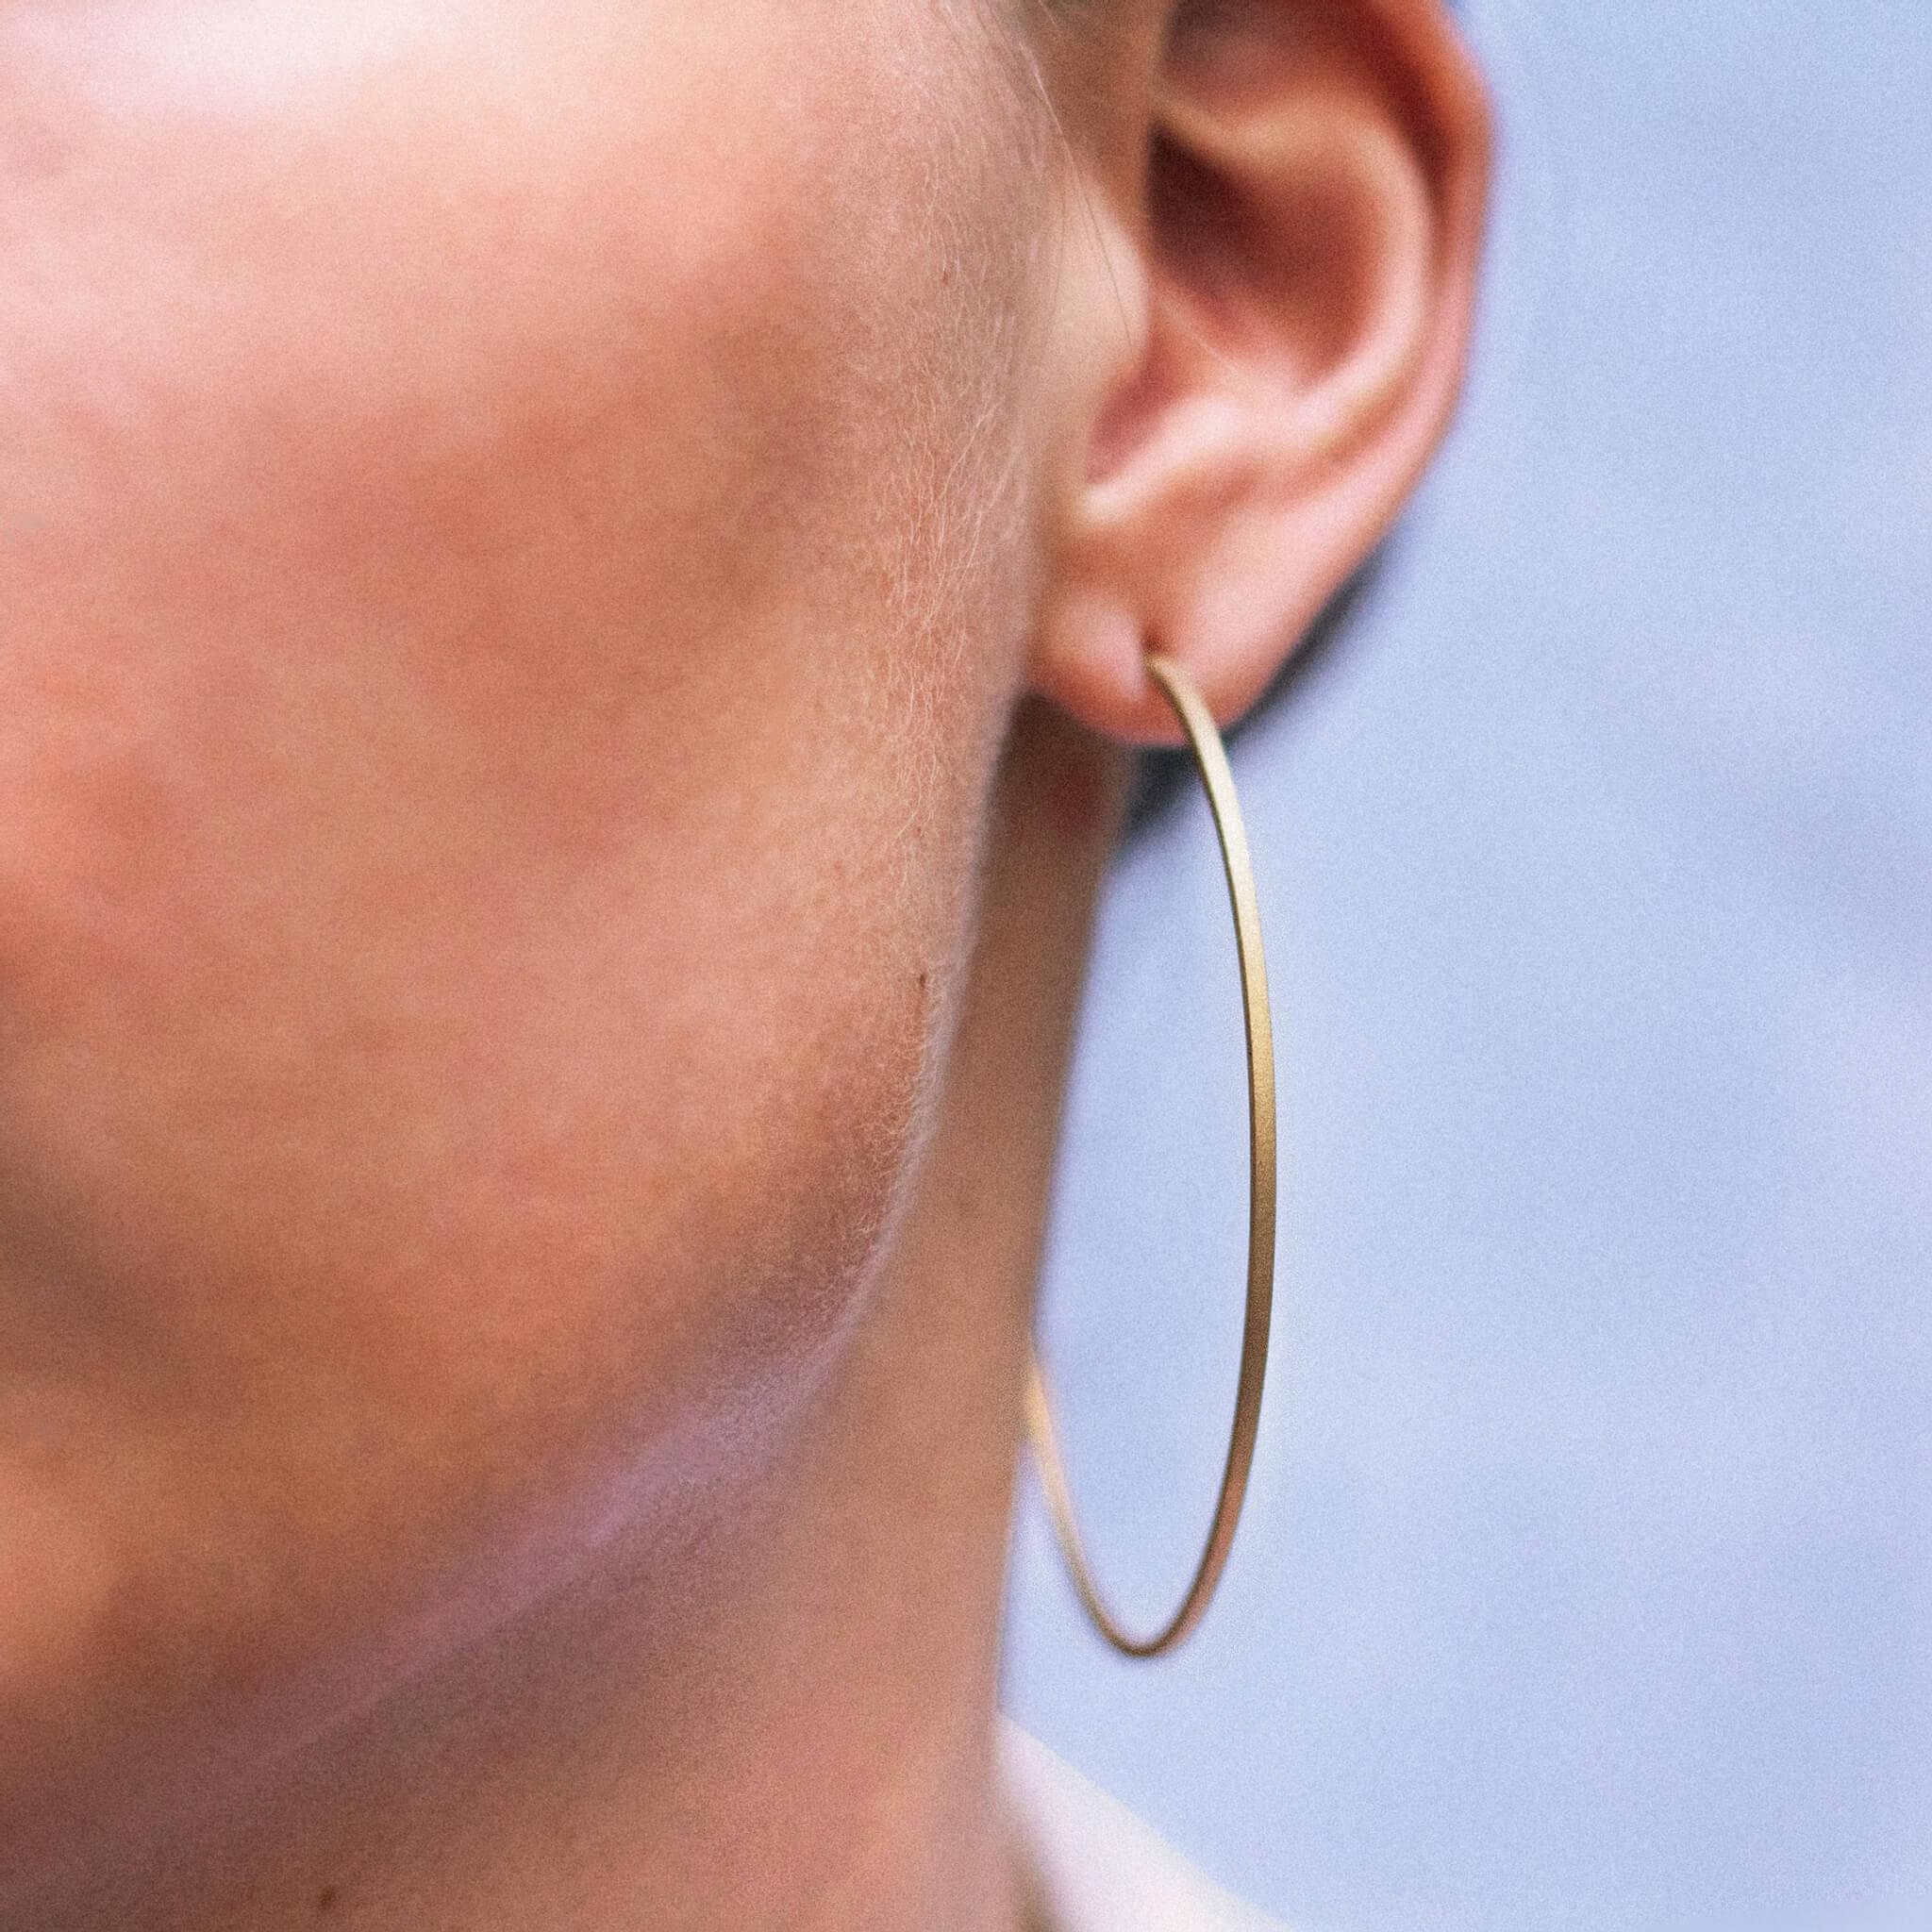 Spirale boucle d'oreilles créole or jaune